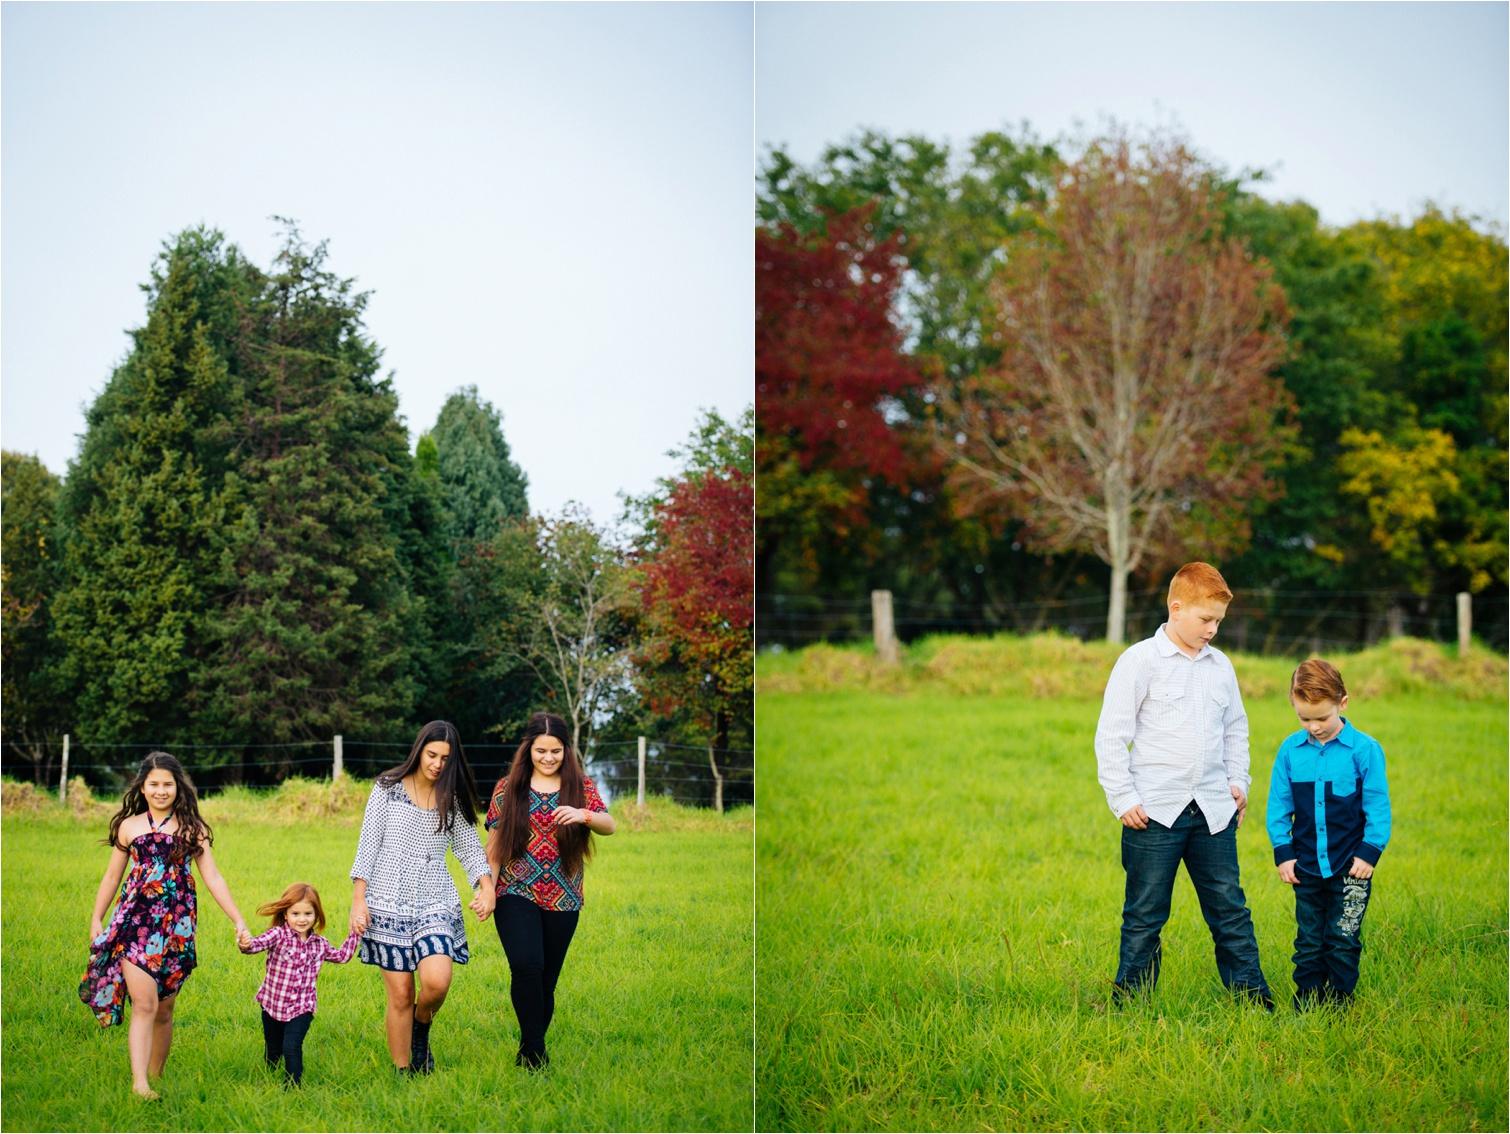 park-family-photos_gold-coast-23.jpg